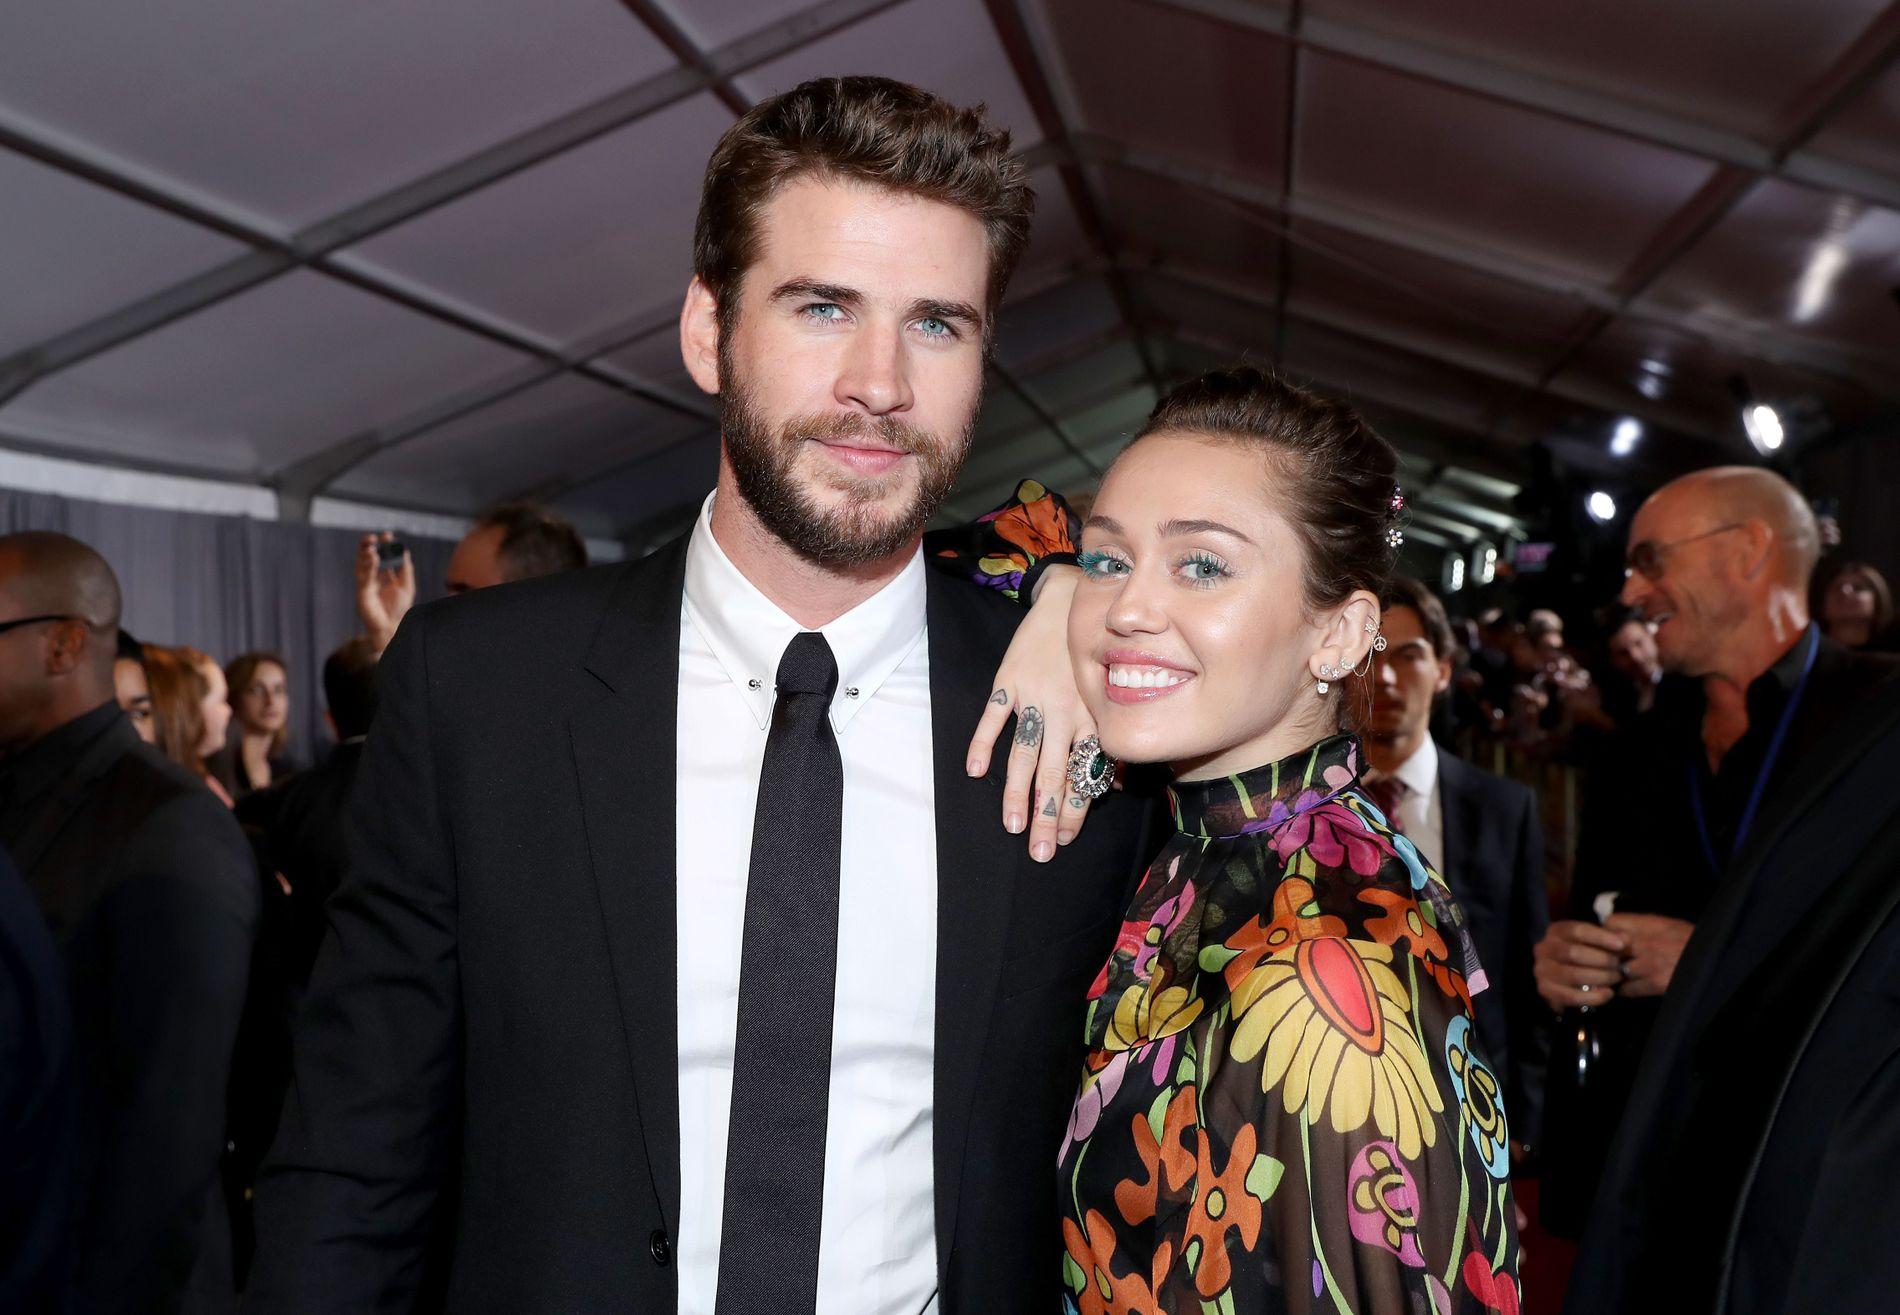 FORLOVET: Her er Miley Cyrus med forloveden Liam Hemsworth under premieren på «Thor: Ragnarok» i oktober.